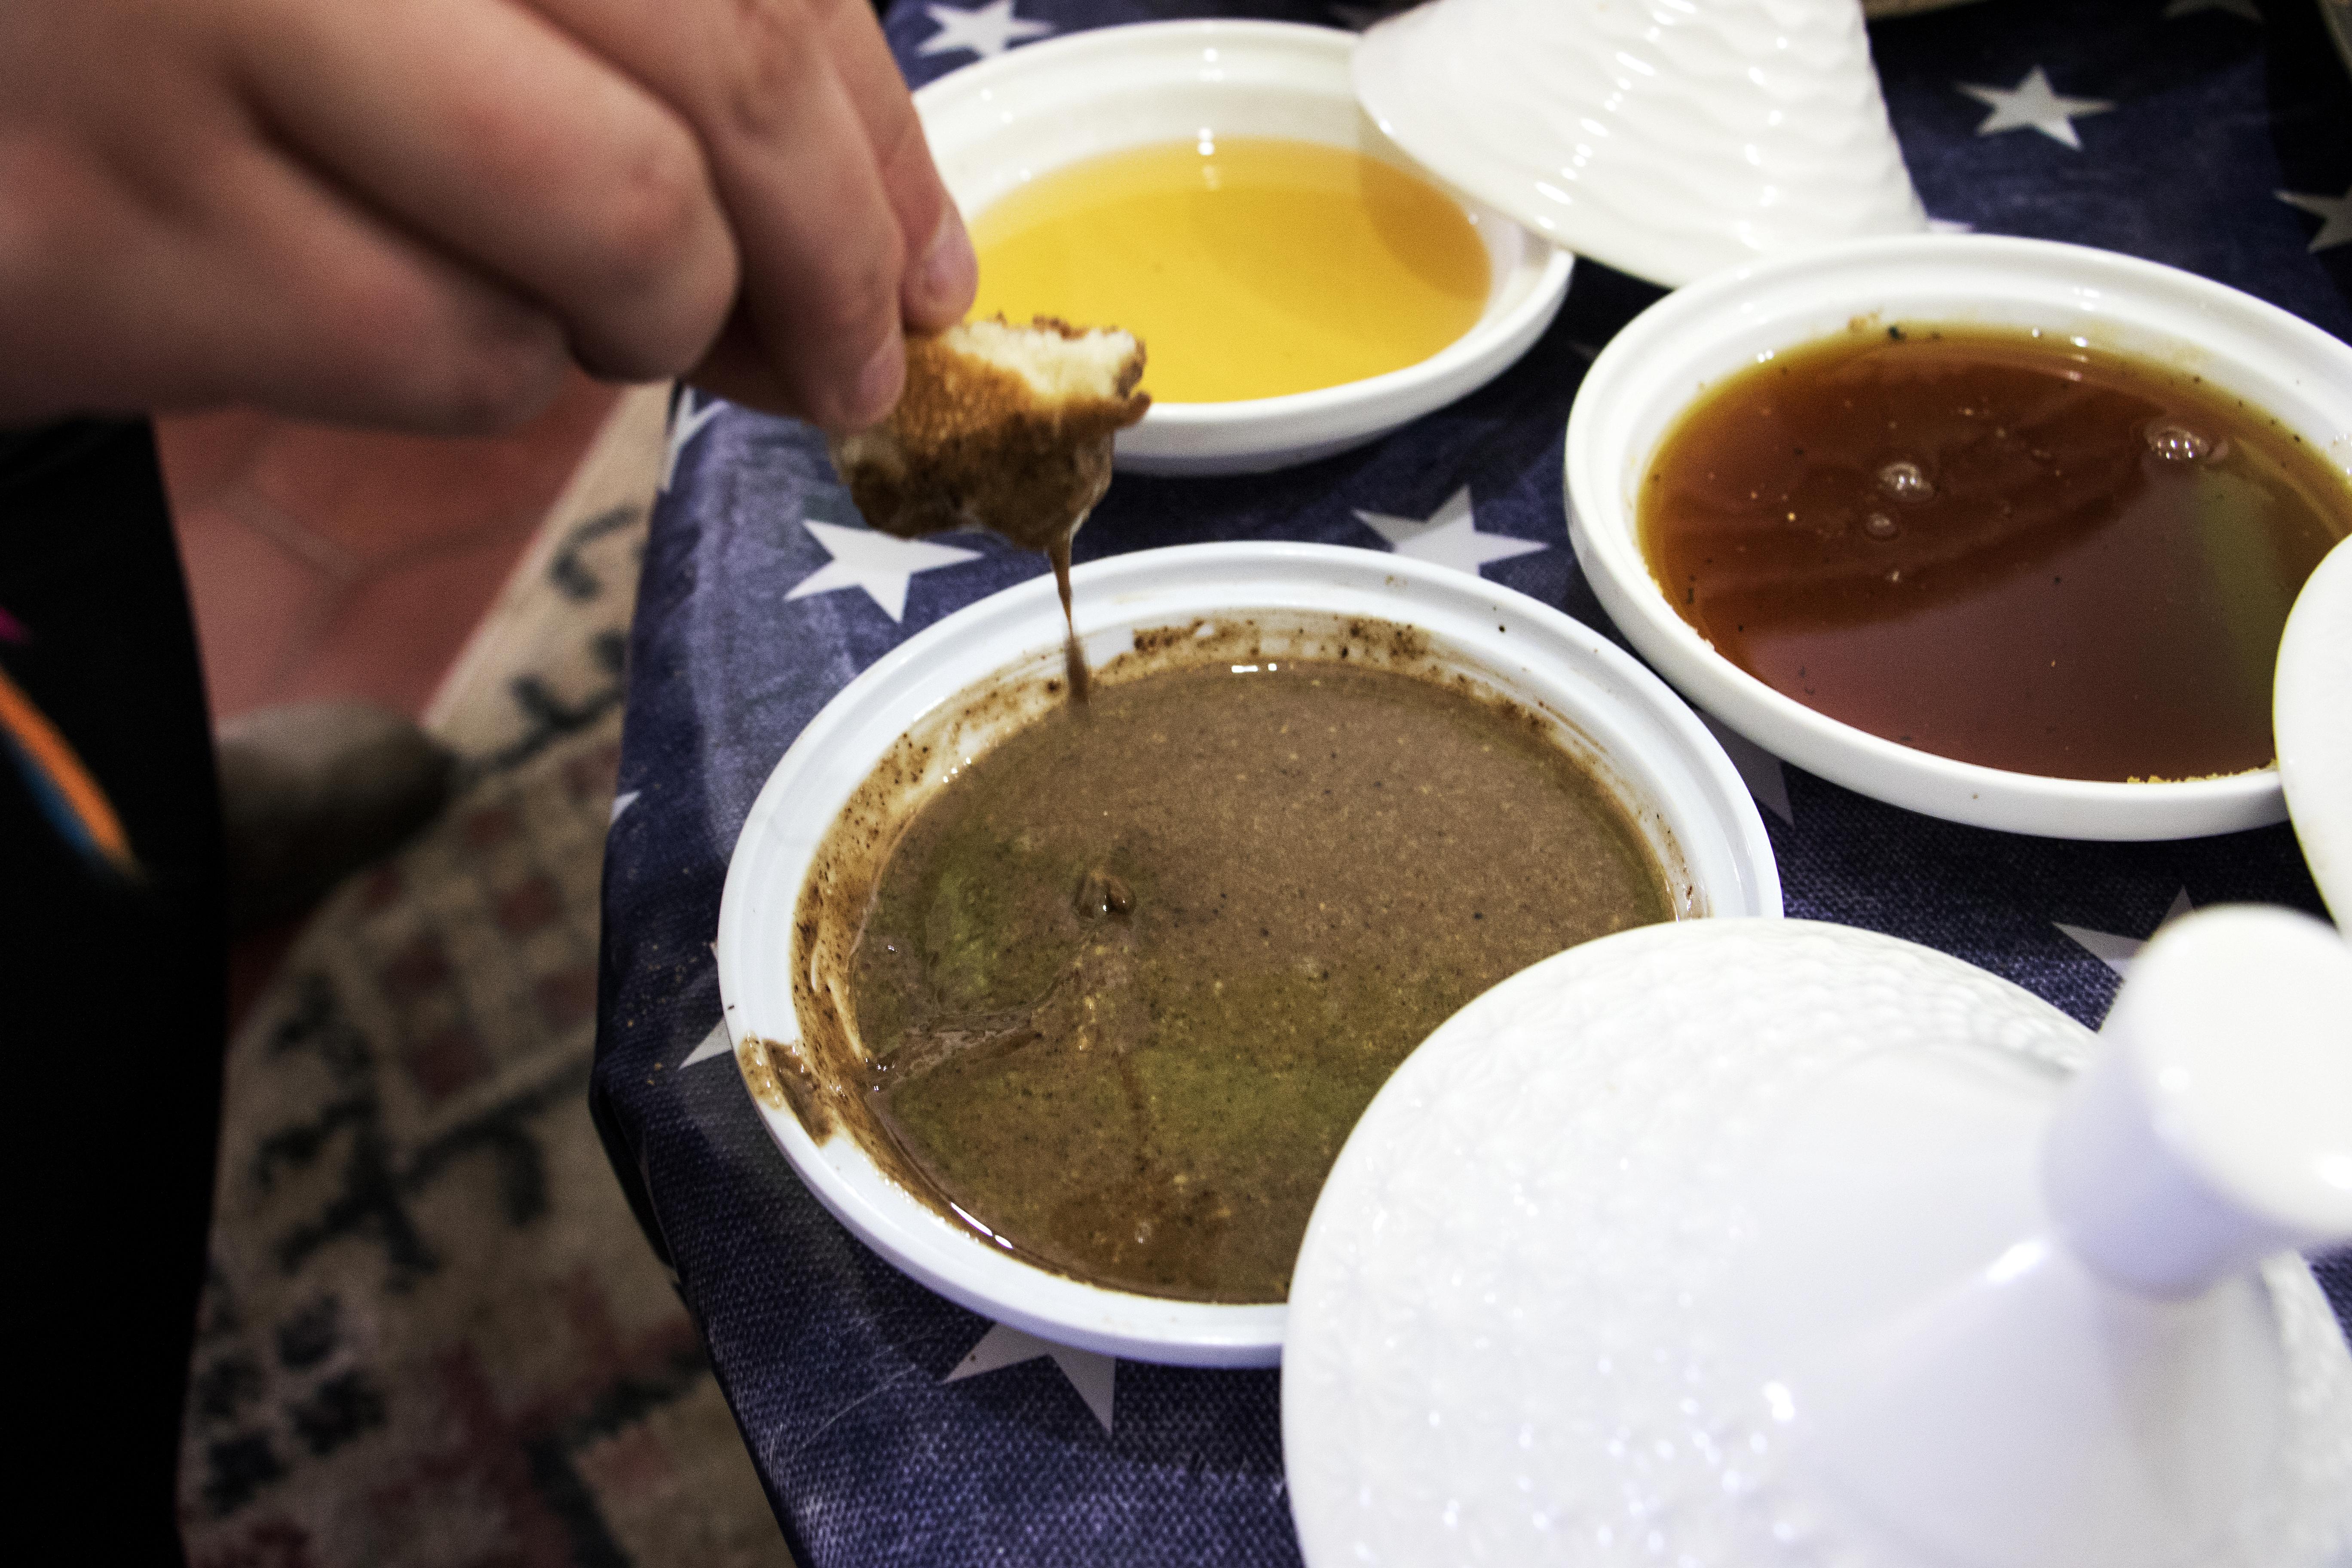 Argan oil being dipped